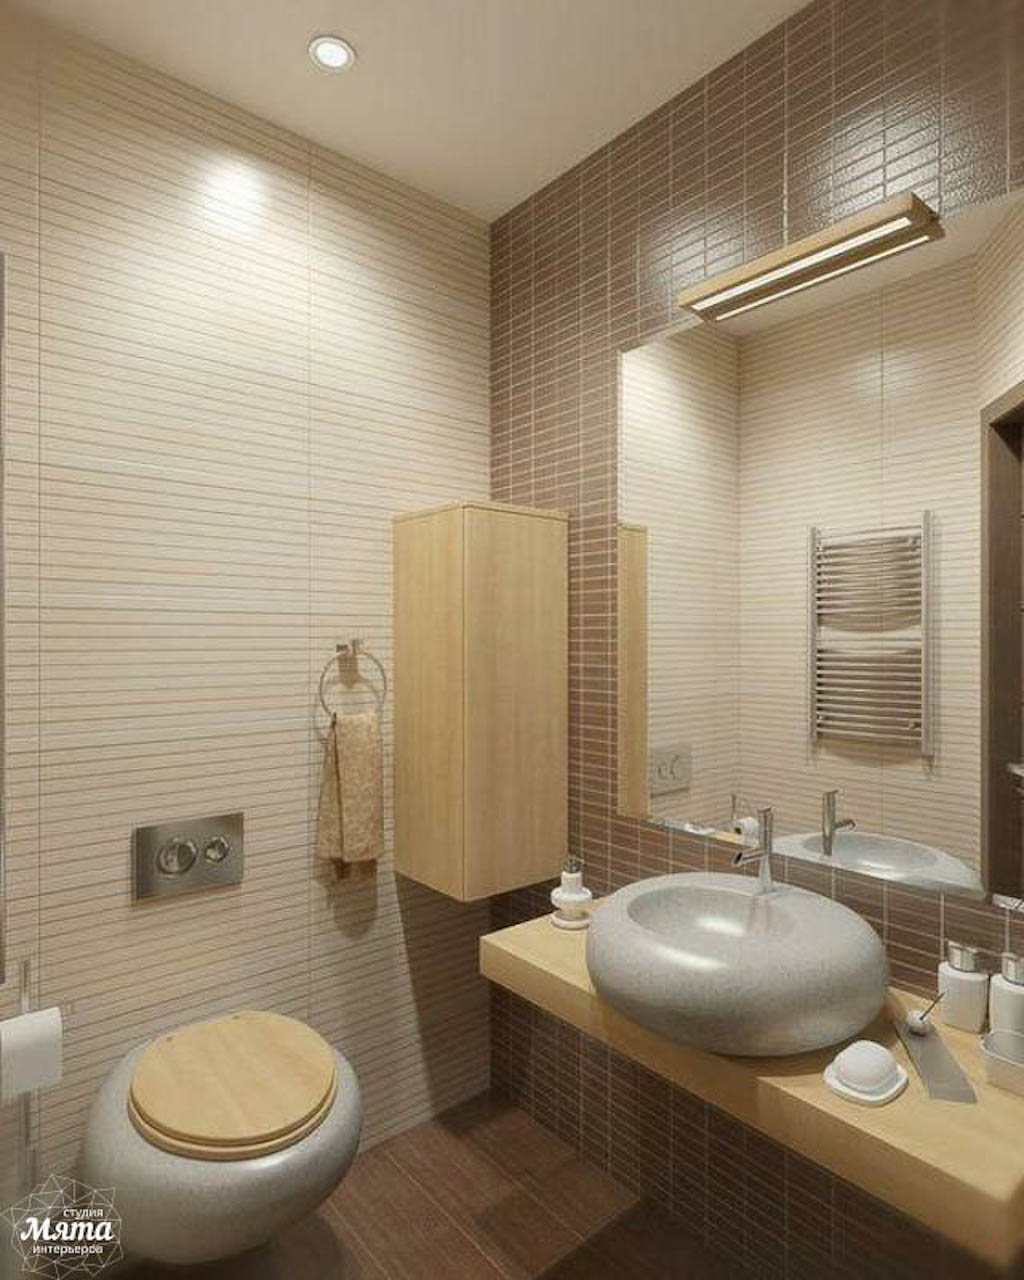 Дизайн интерьера трехкомнатной квартиры по ул. Куйбышева 21-2 img380495125